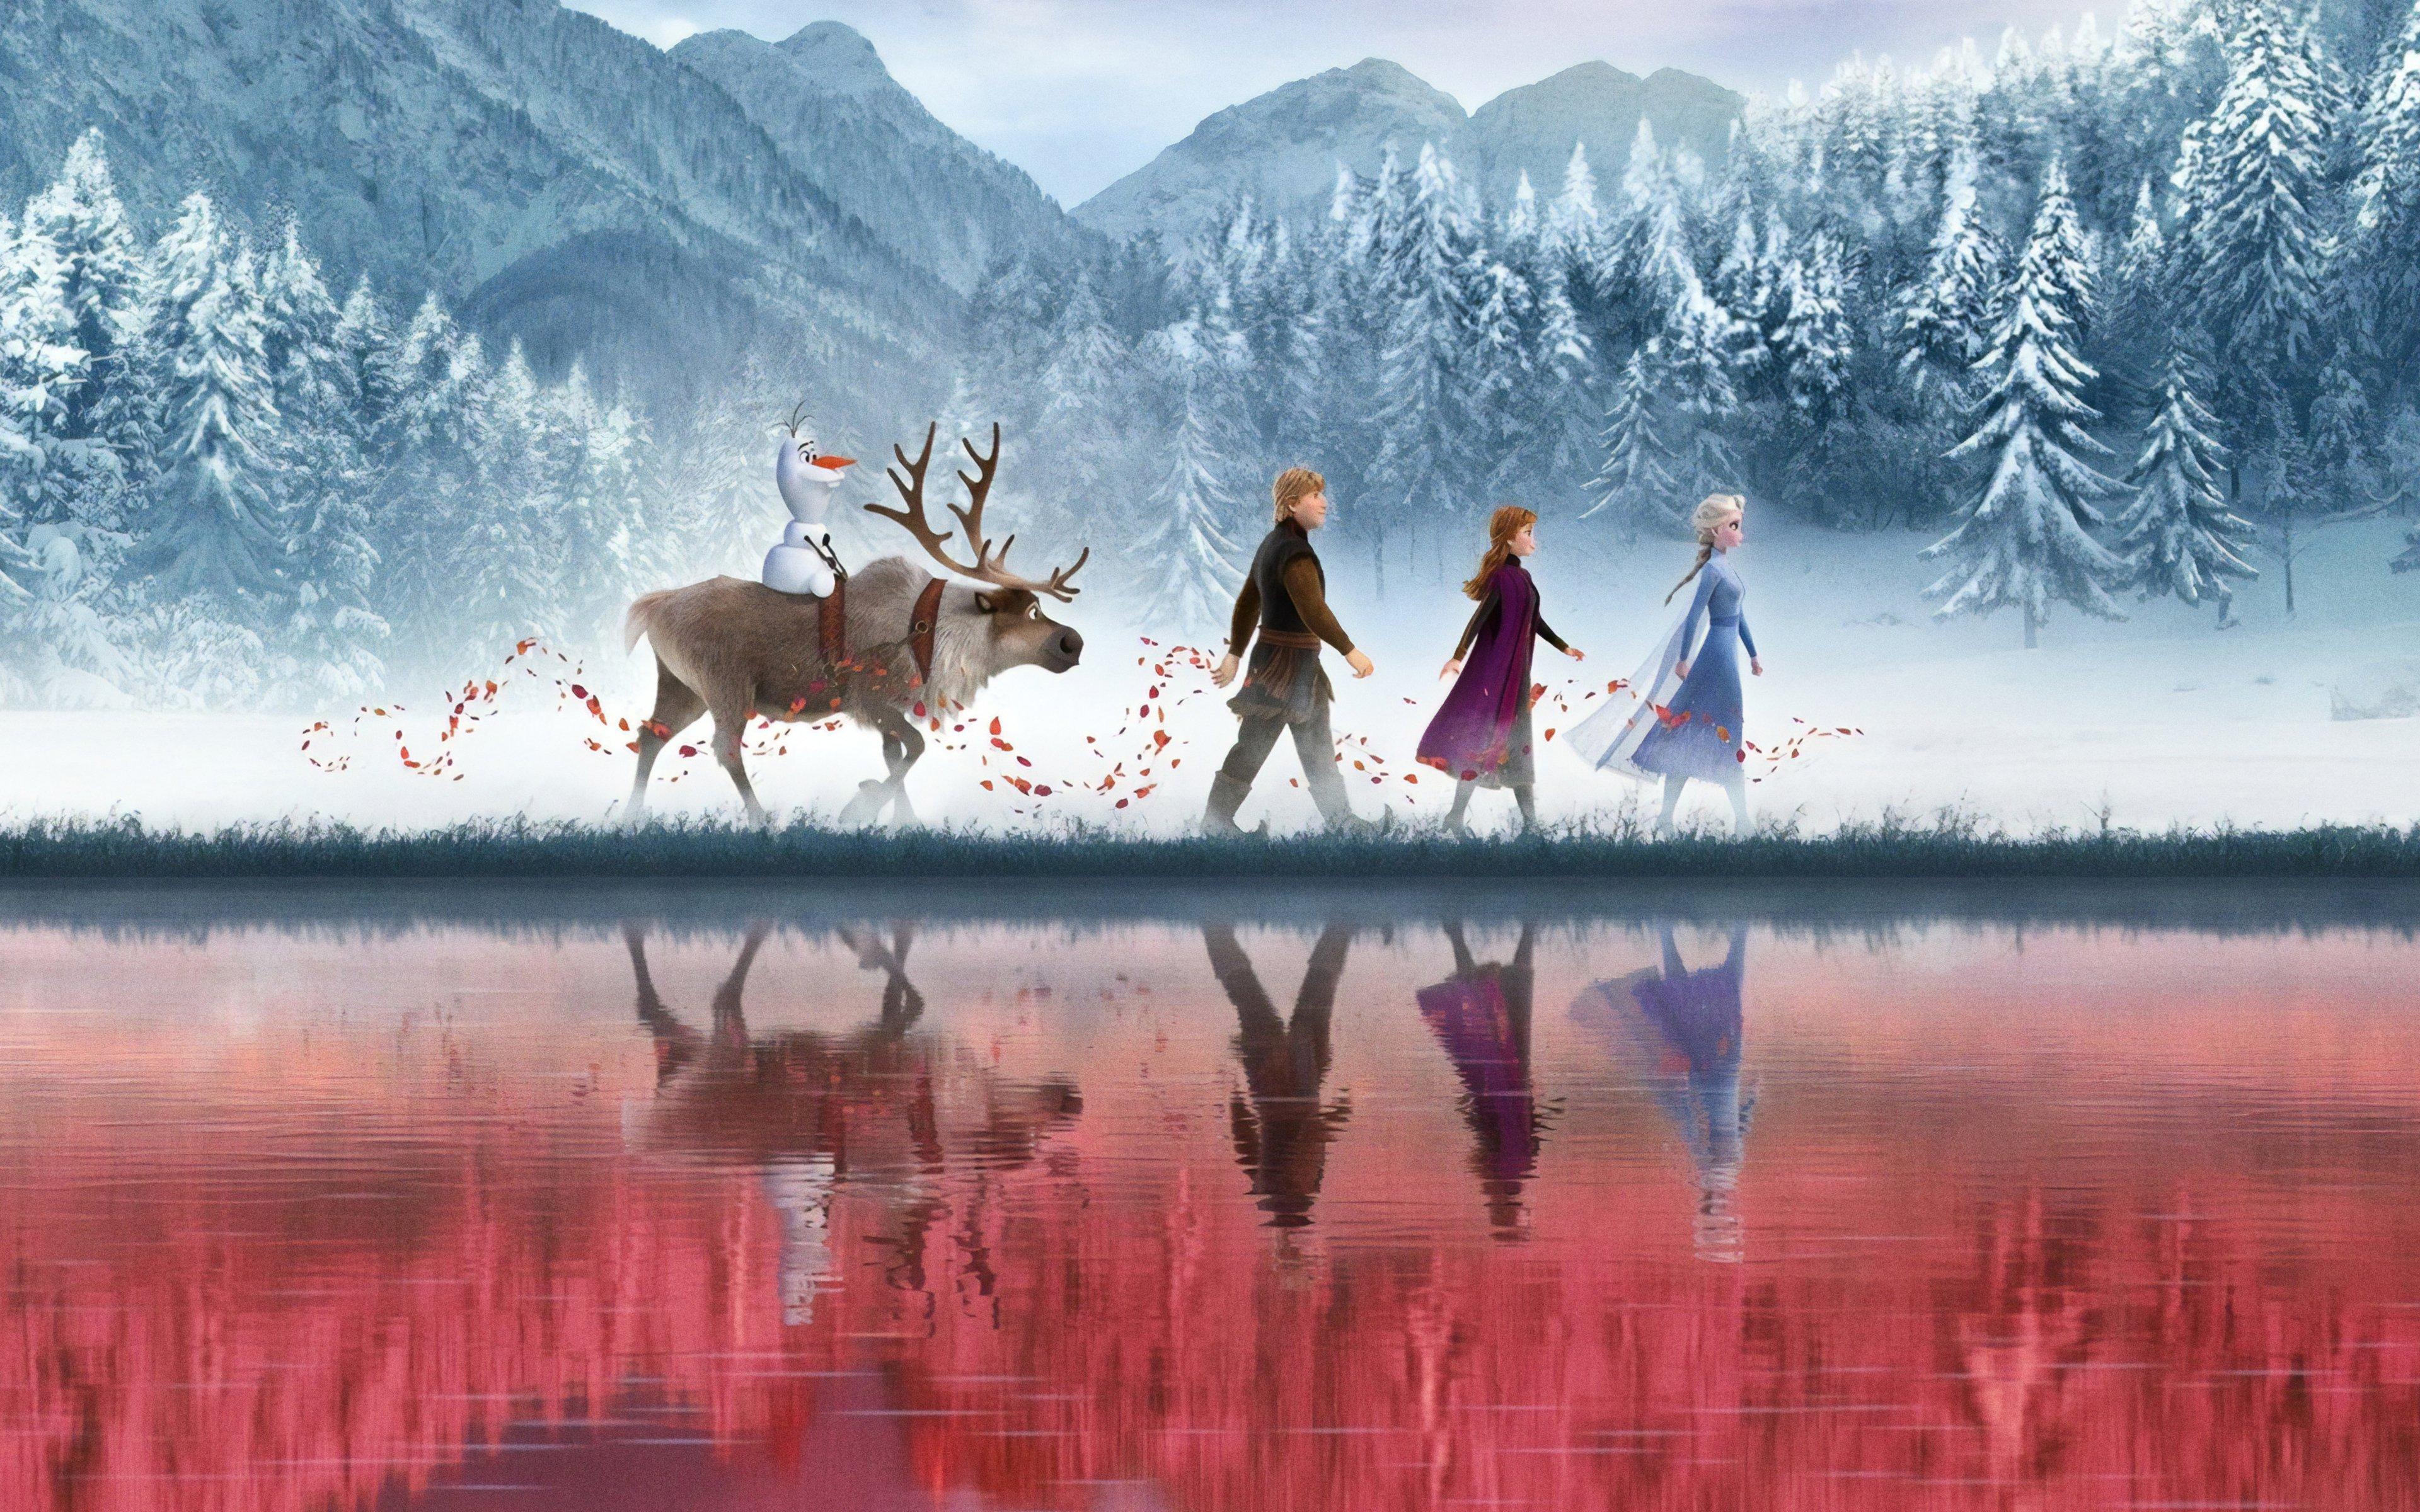 Fondos de pantalla Personajes de Frozen caminando